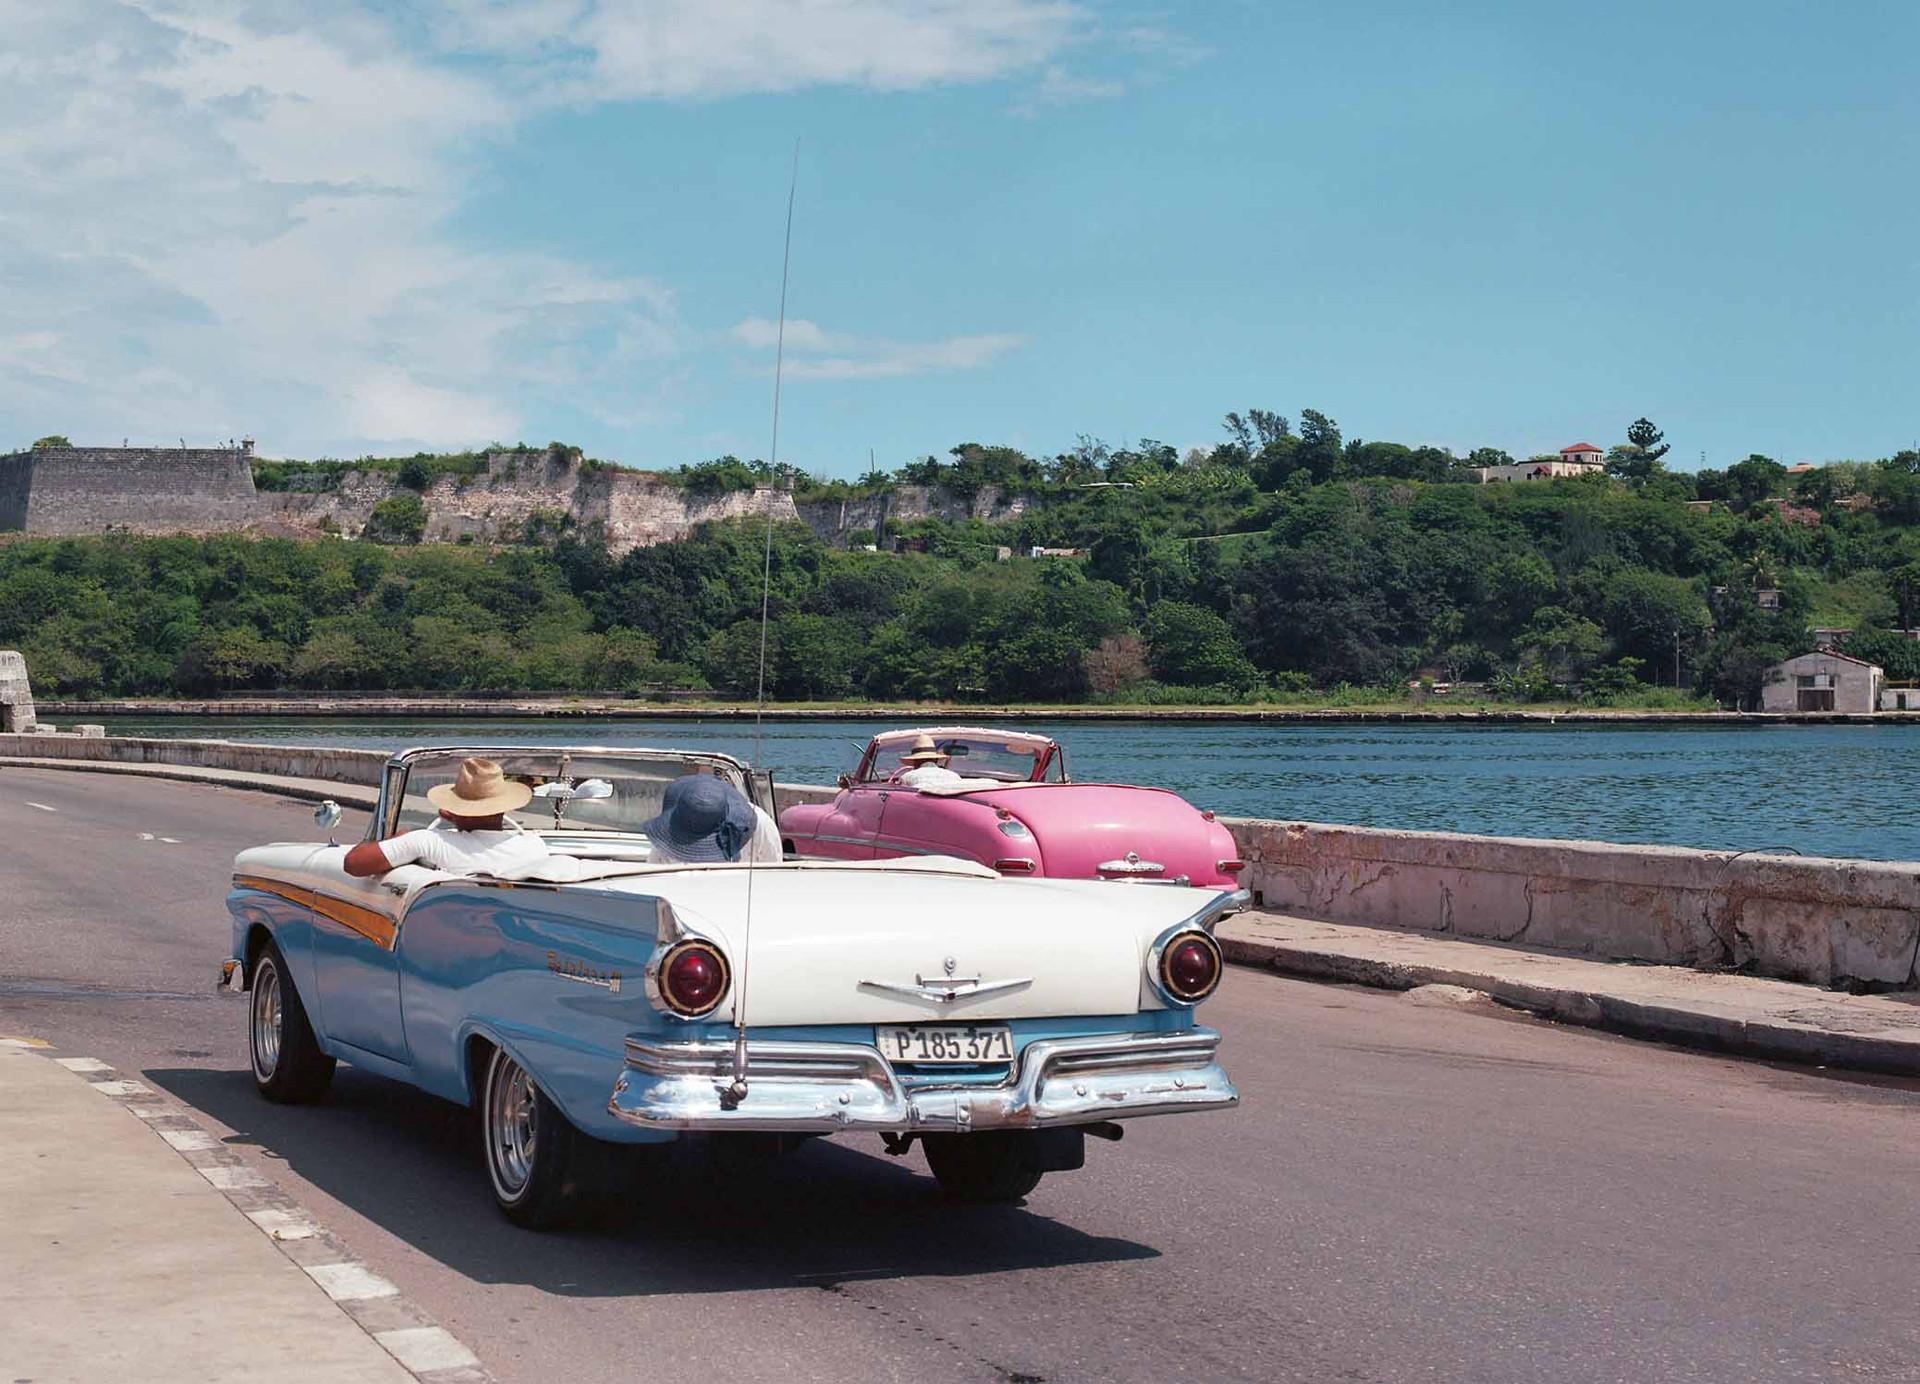 CUBA_15_007.jpg